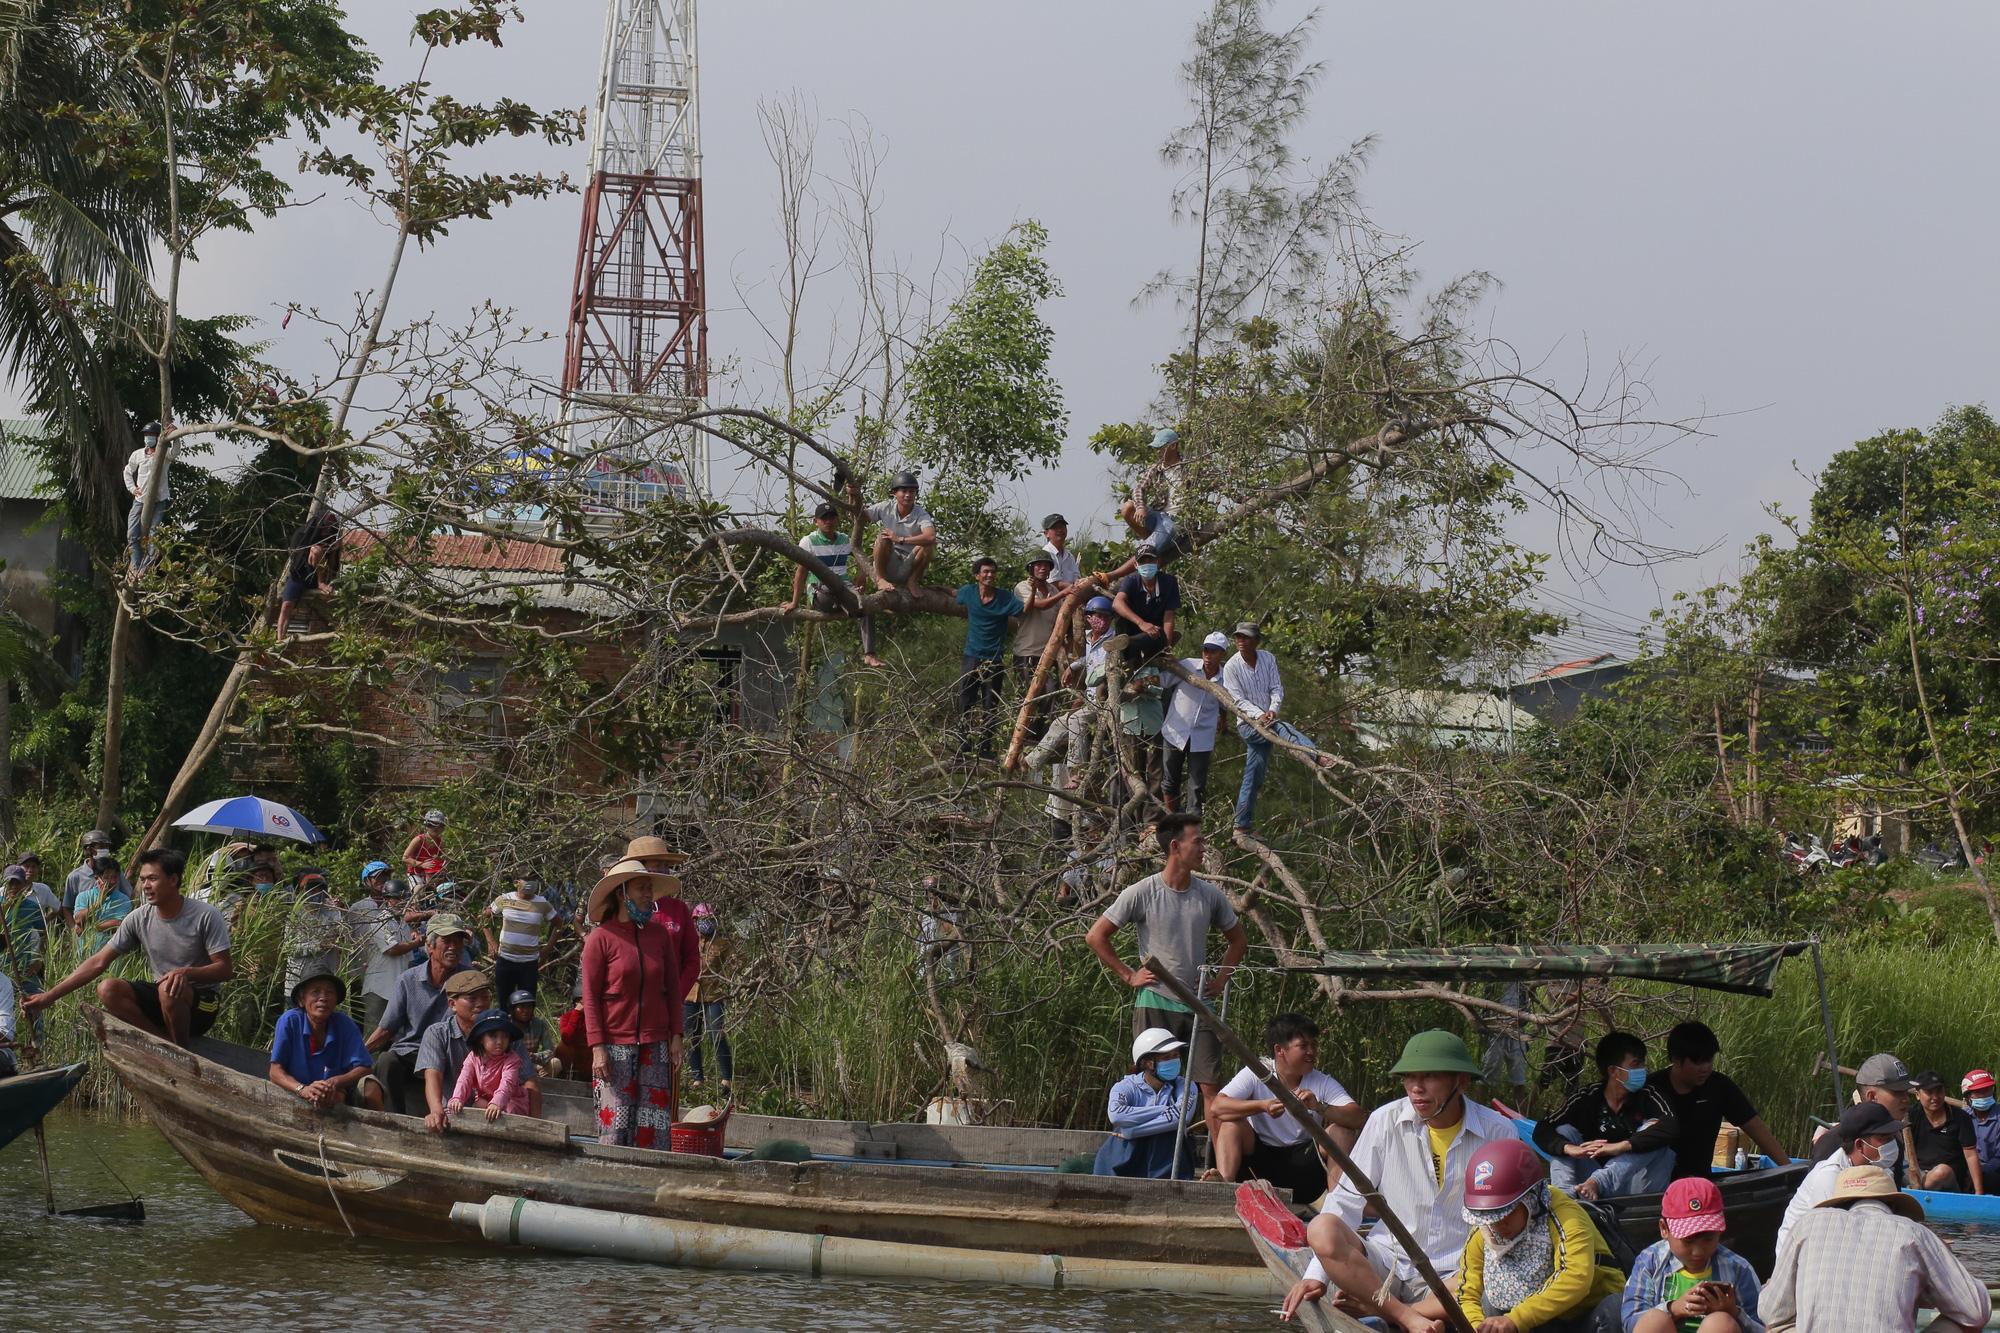 Quảng Nam: Trèo cây, leo nóc nhà để xem đua thuyền ở Tam Kỳ - Ảnh 4.